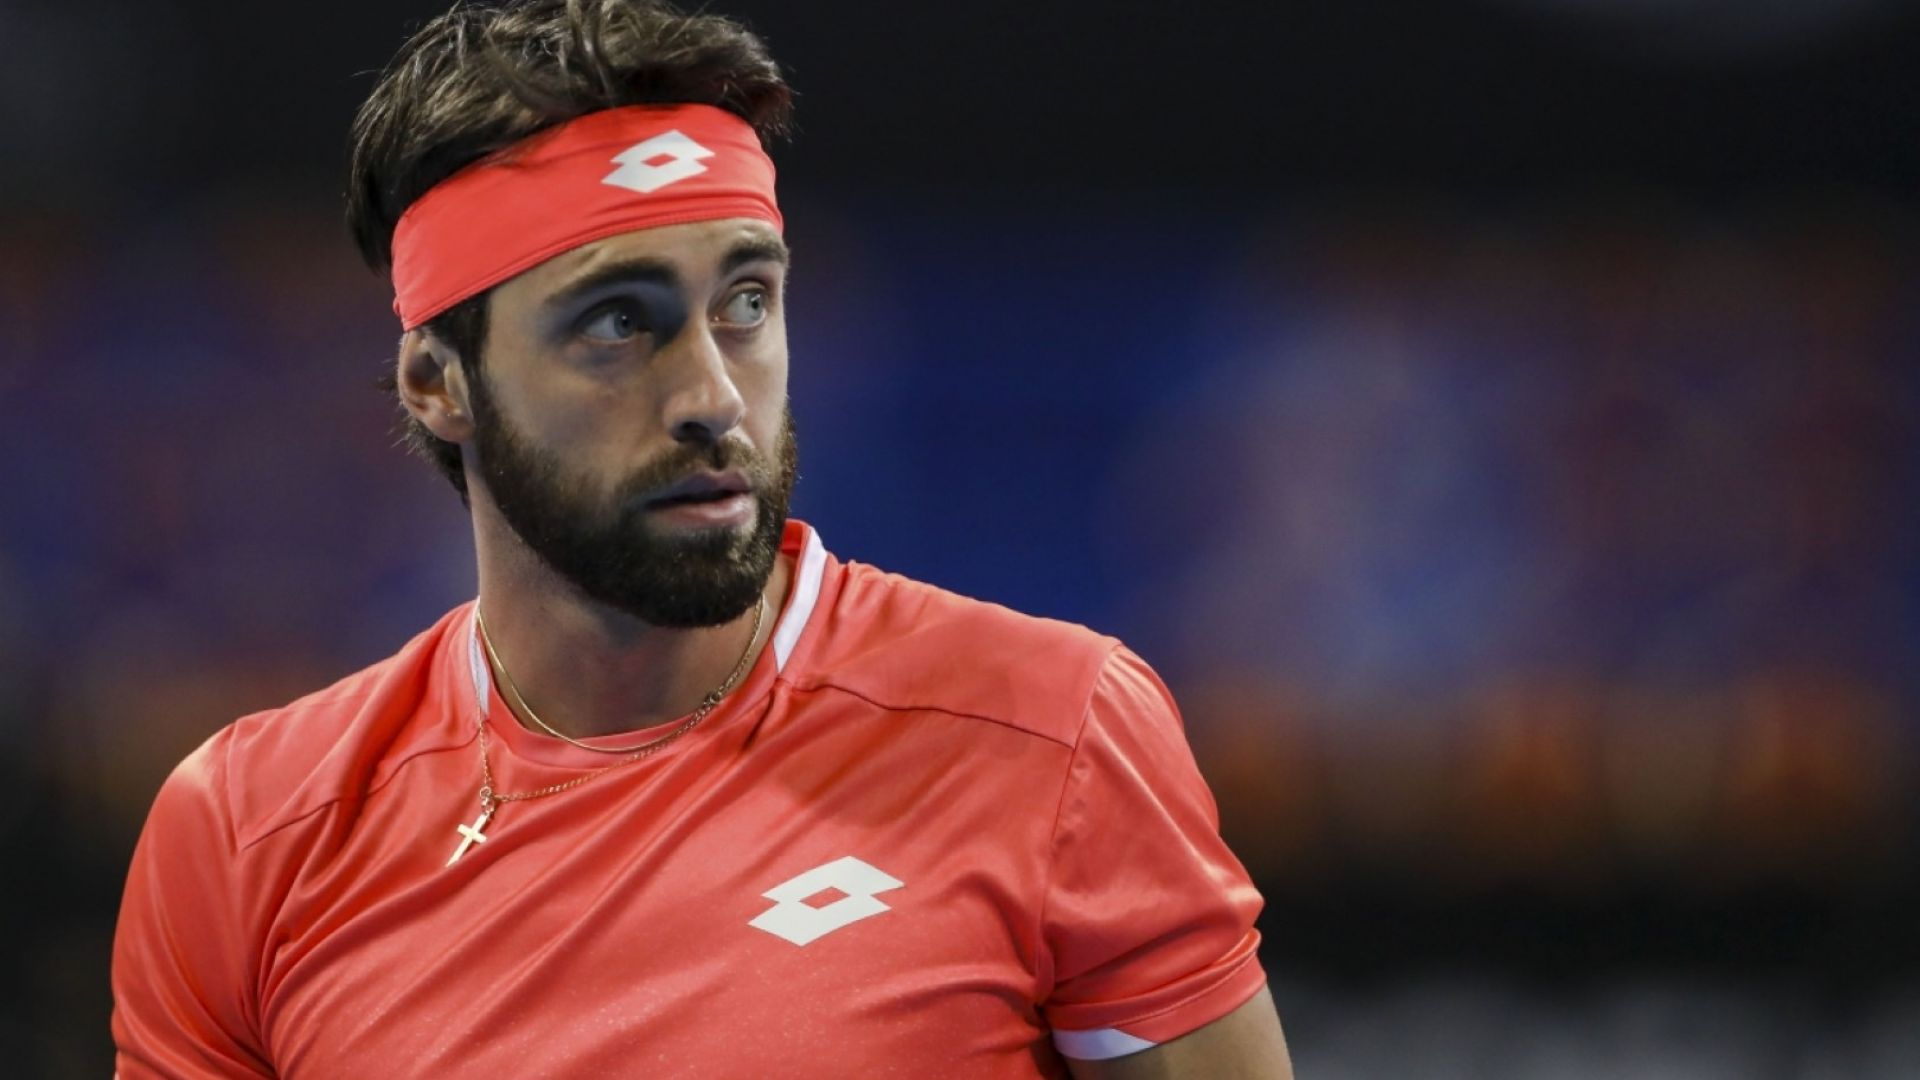 Още един от фаворитите изхвърча от турнира в София